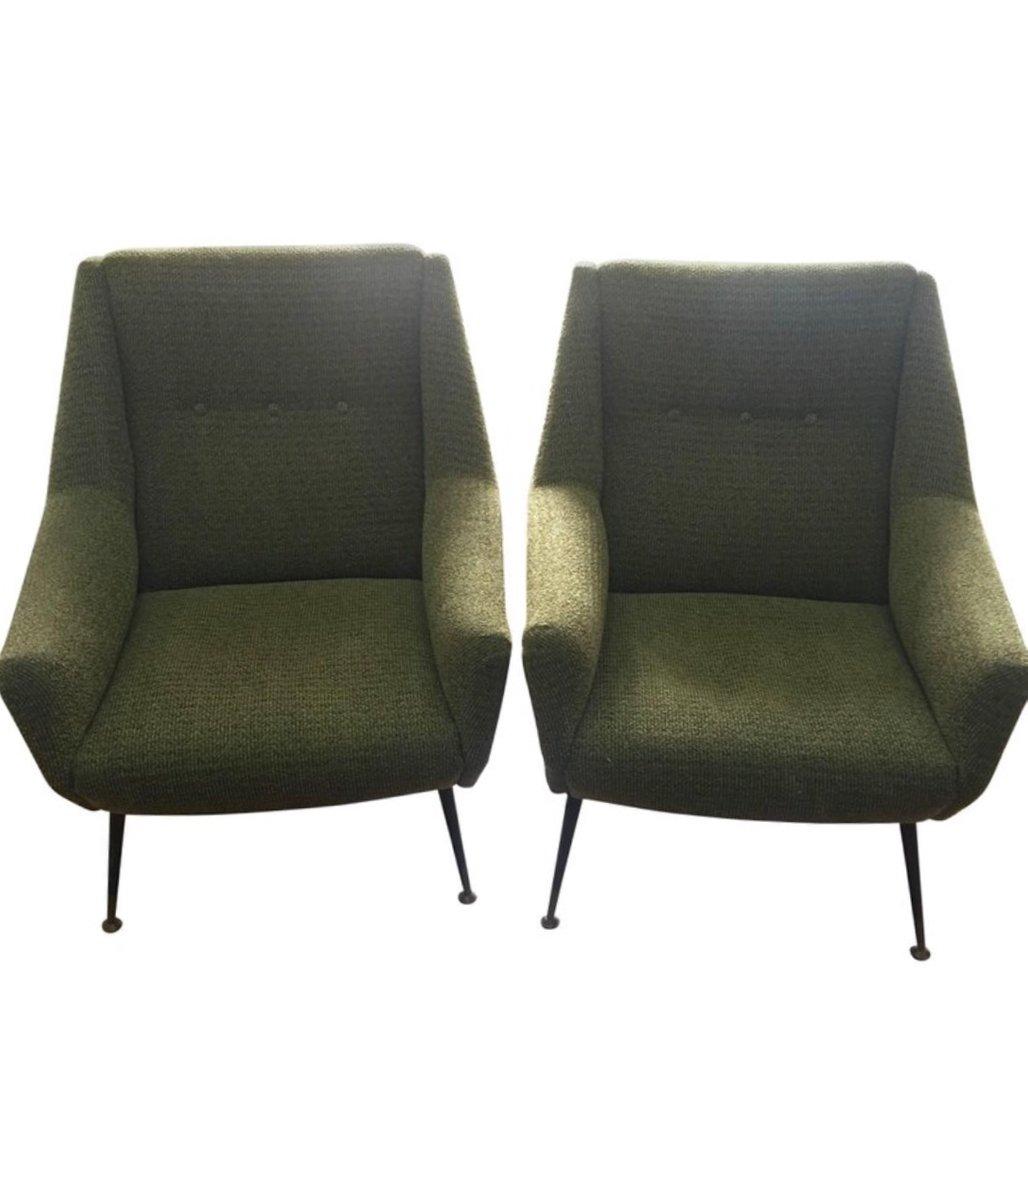 Mid Century Modern Armchairs, Italy, Set Of 2